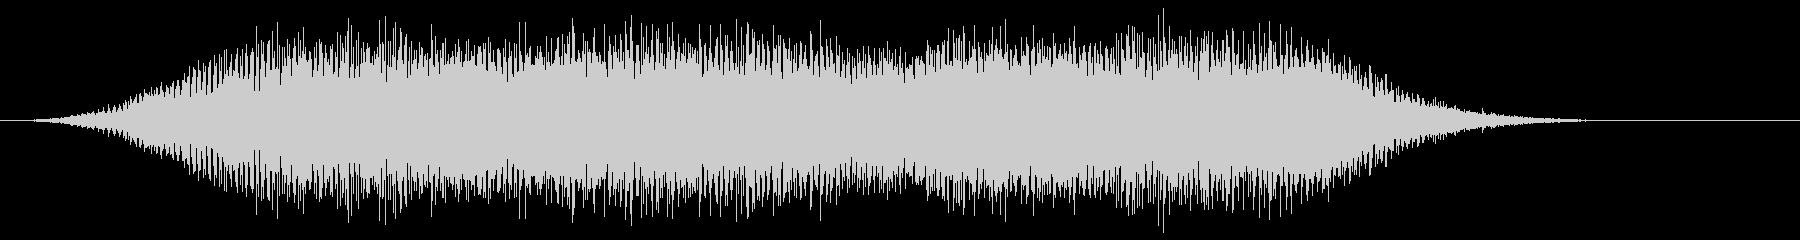 音楽:不気味なコンピューターのビー...の未再生の波形